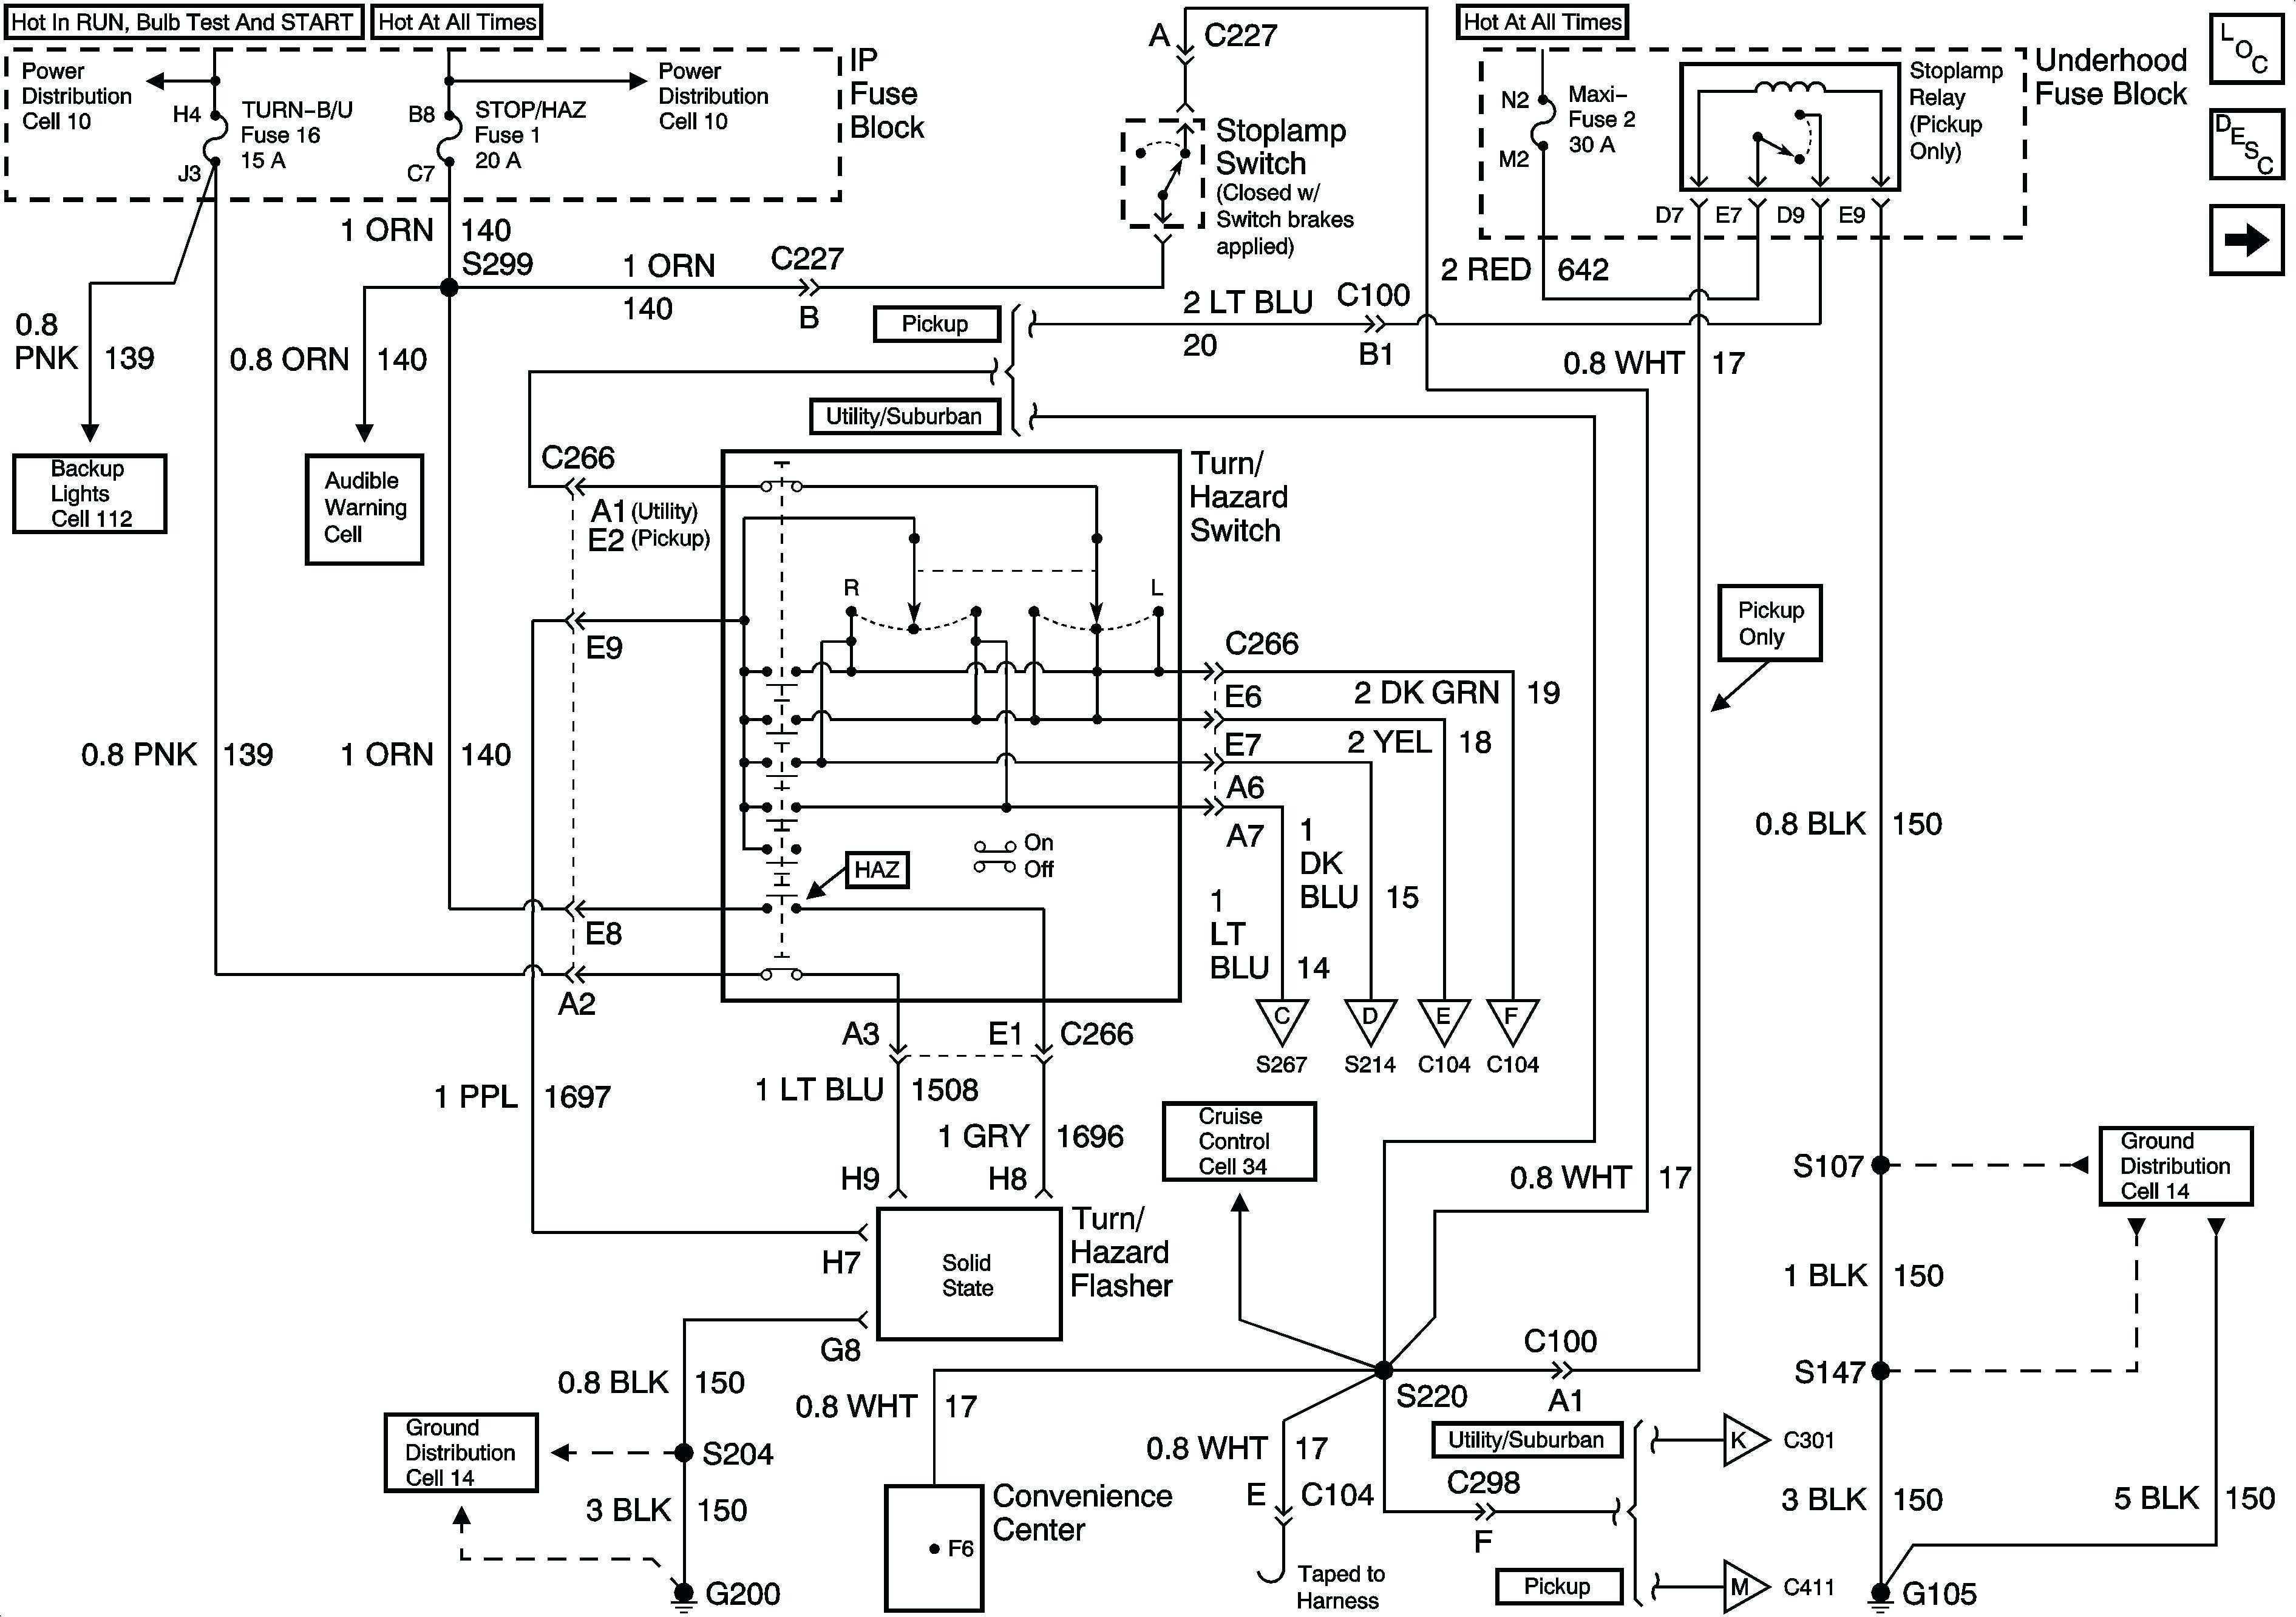 2013 Dodge Wiring Diagram -06 Kia Sportage Starter Wiring Diagram | Begeboy Wiring  Diagram SourceBegeboy Wiring Diagram Source